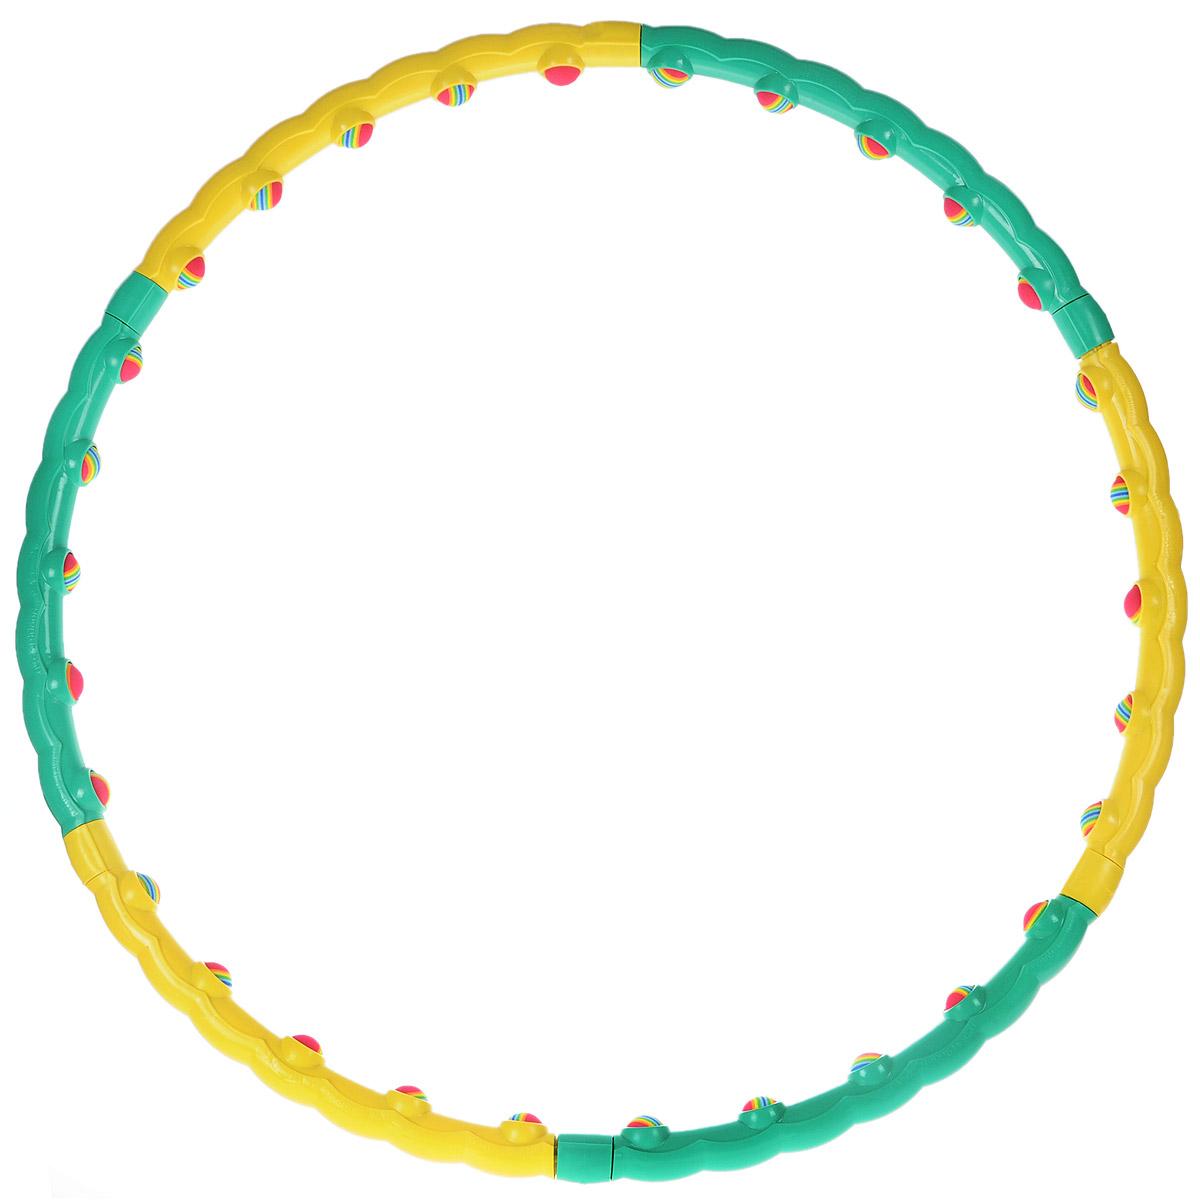 Обруч массажный Хула-хуп с неопреновыми шариками, разборныйНН-01Массажный обруч Хула-хуп изготовлен из пластика. Он имеет 30 мягких неопреновых шариков, которые оказывают массажный эффект. Форма обруча стимулирует акупунктурные точки поясницы и обеспечивает массирующий эффект, помогает избавиться от излишнего веса. Обруч помогает сохранить тело подтянутым и стимулирует работу кишечника. Характеристики: Материал: пластик. Диаметр (внутренний): 90 см. Размер упаковки: 53 см х 23,5 х 10 см. Производитель: Тайвань. Артикул: HH-01.